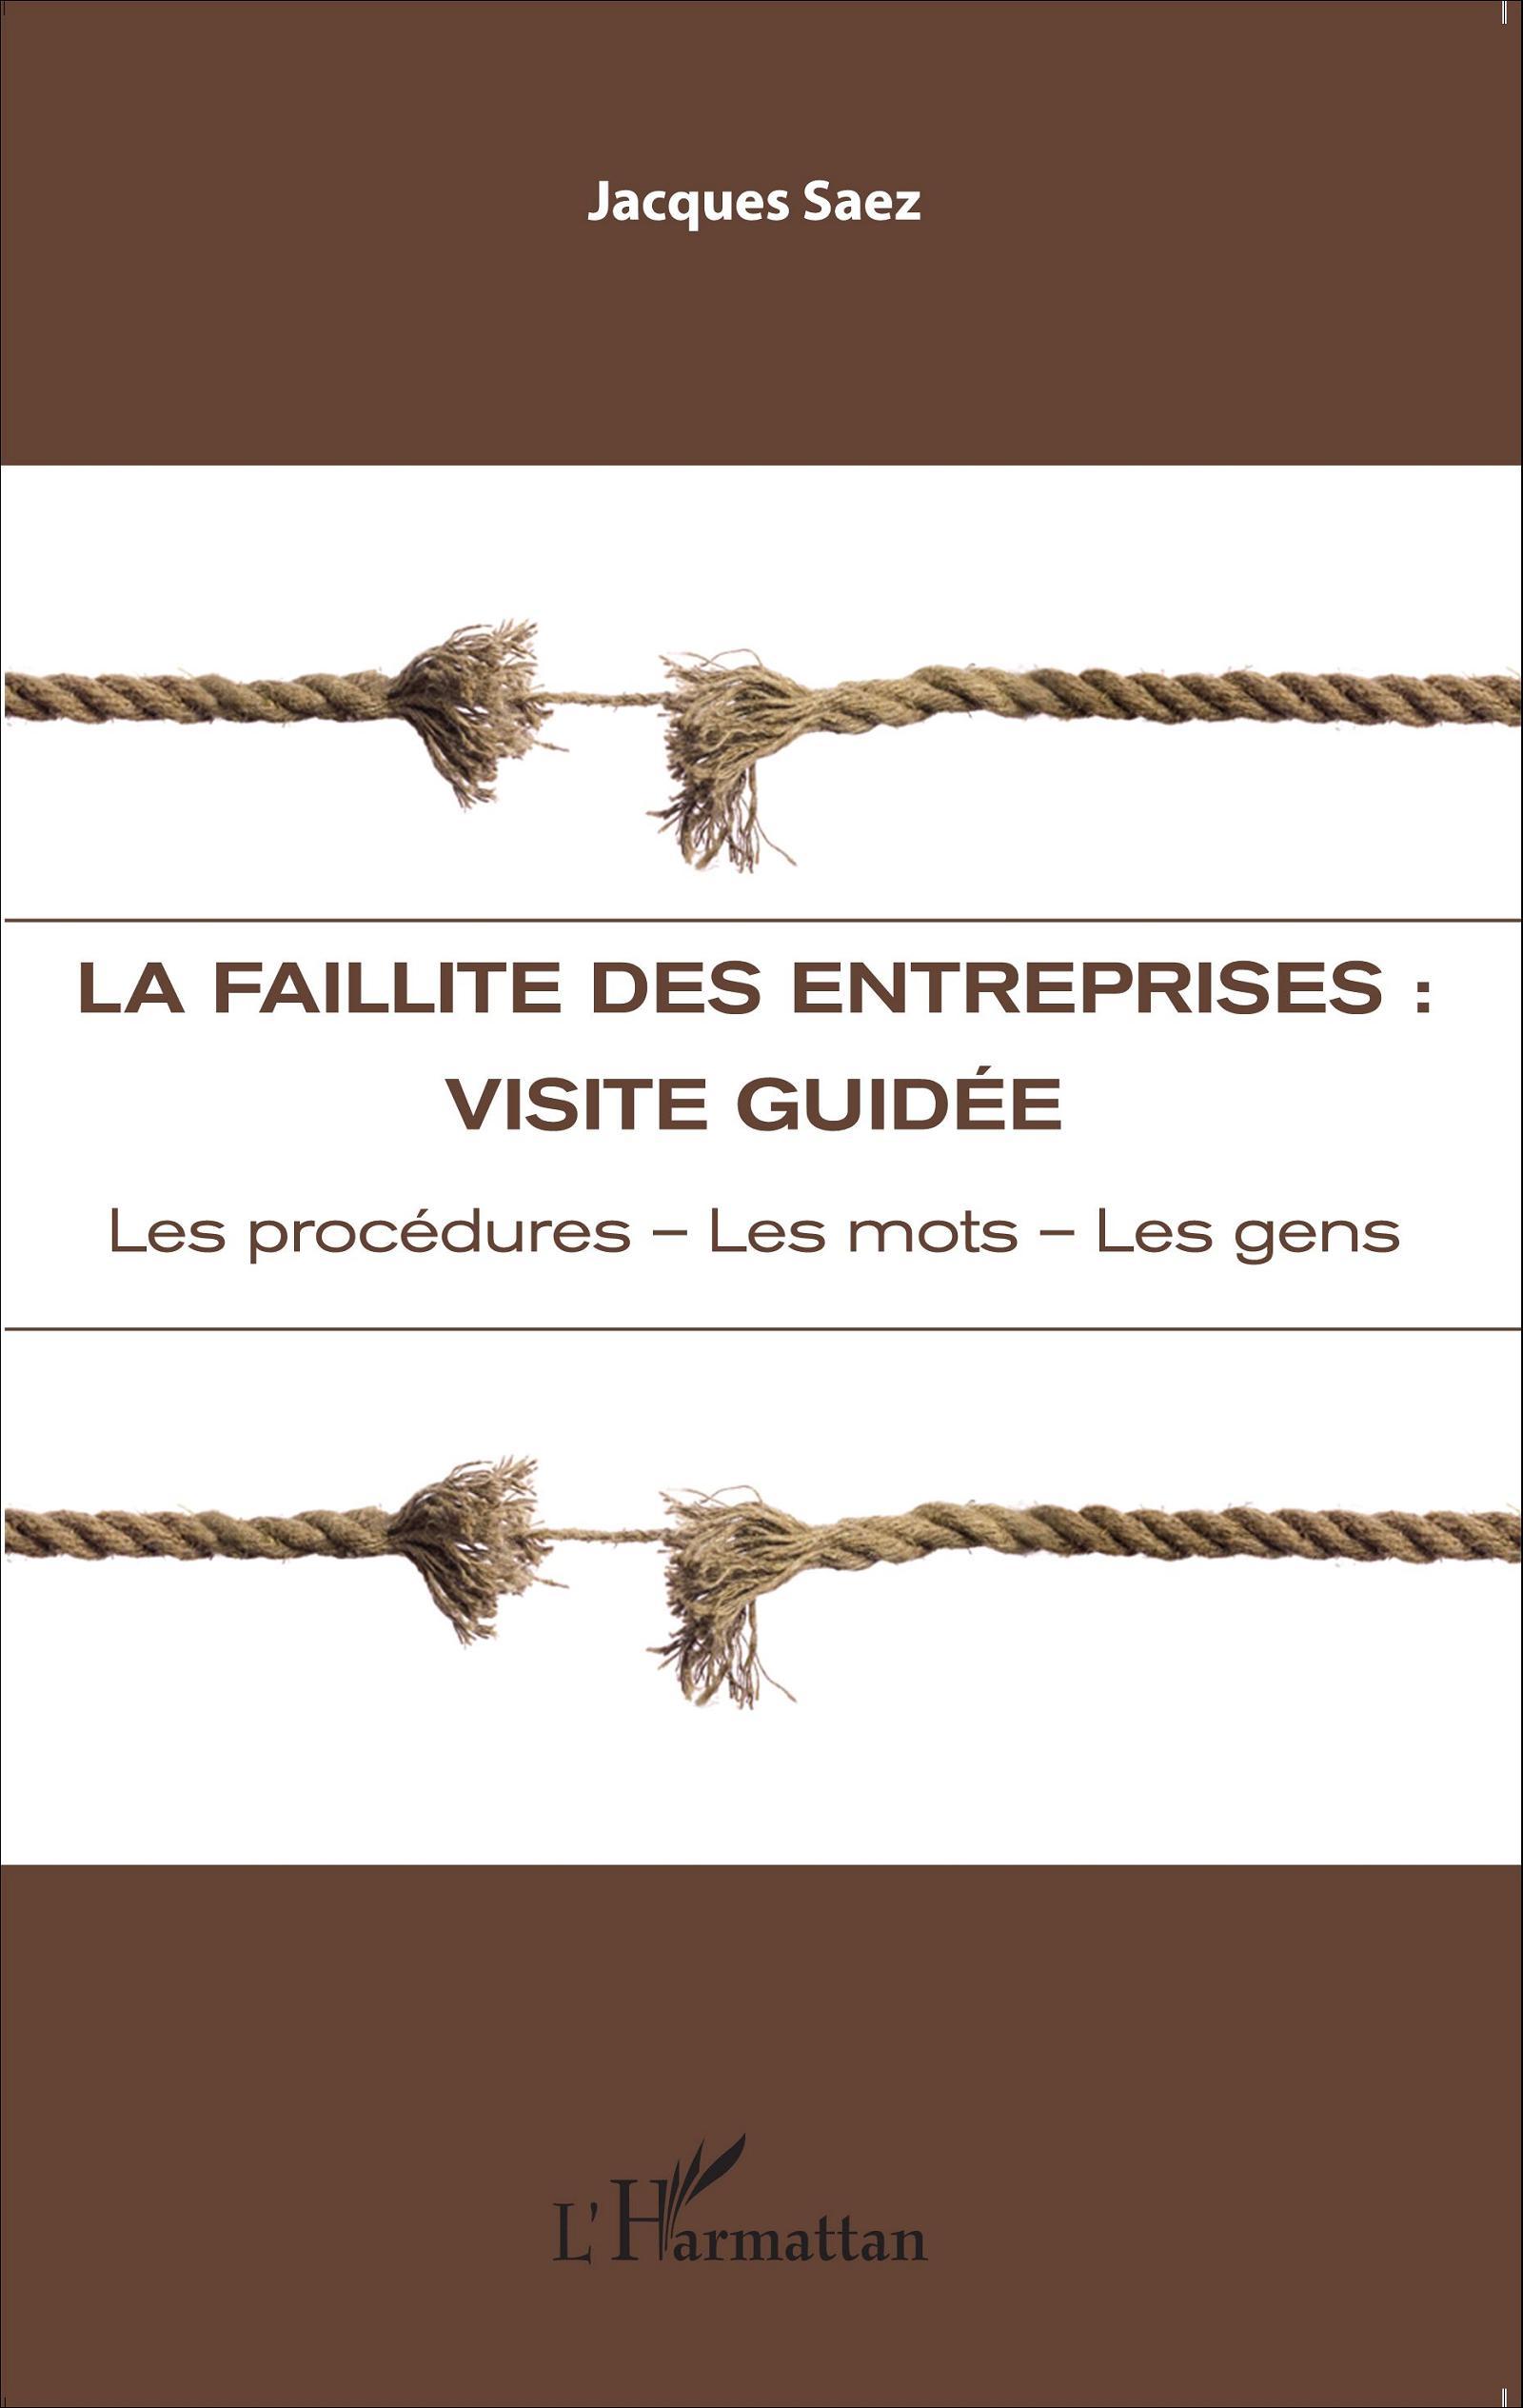 LA FAILLITE DES ENTREPRISES : VISITE GUIDÉE - Les ...